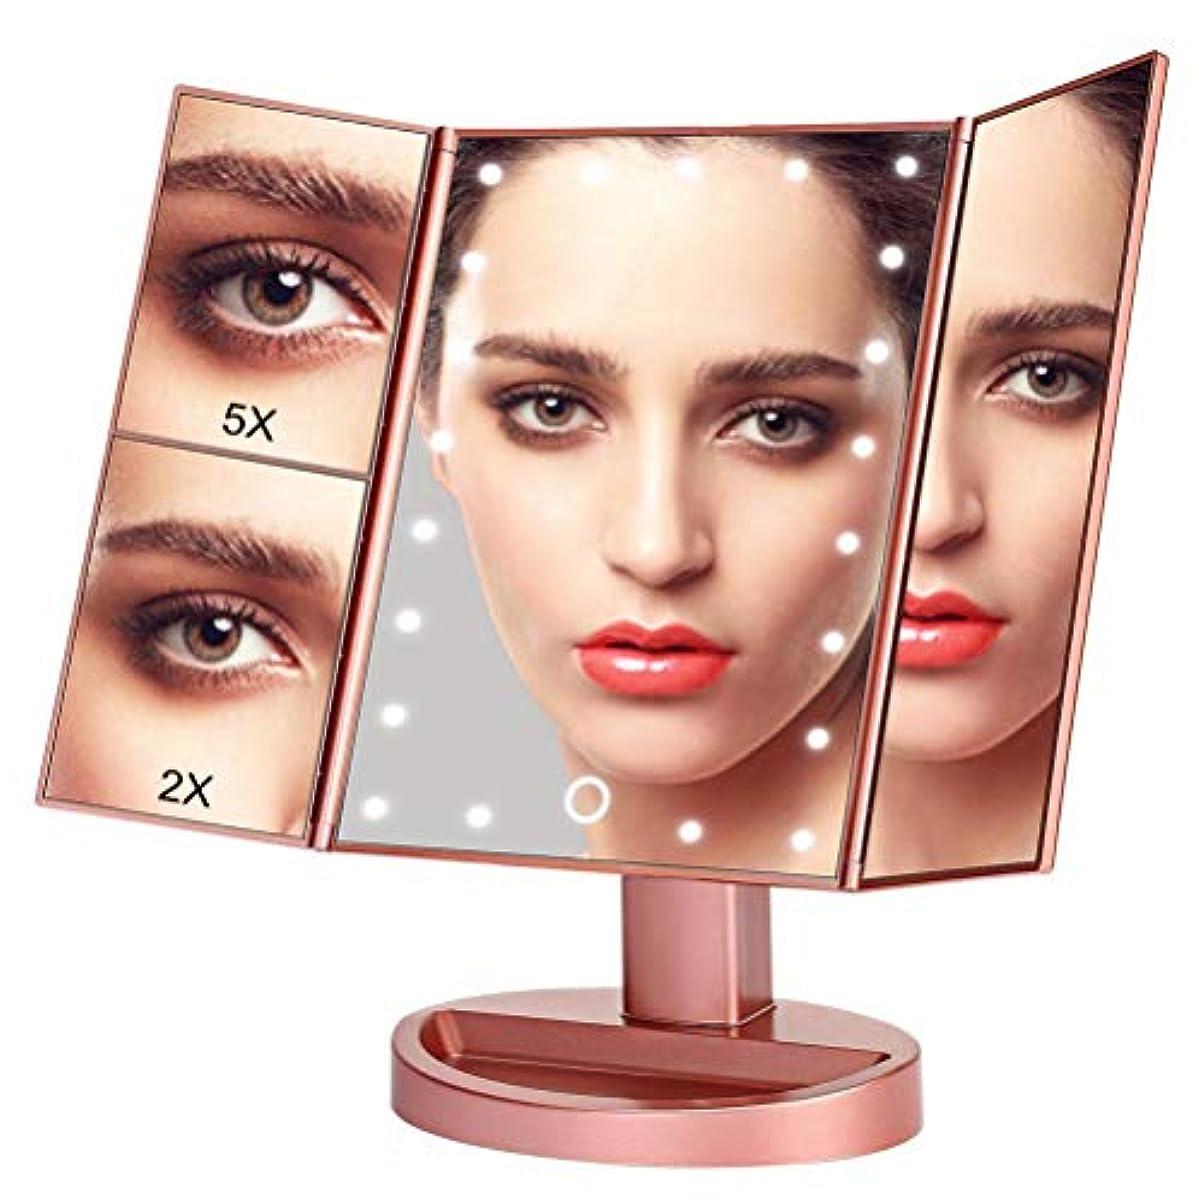 集中的な糞適用済みOKISS 三面鏡 LED化粧鏡 卓上 ミラー 女優 鏡 2倍と5倍拡大鏡付き 明るさ調節可能 折り畳み式 180°回転 USB/単4電池給電 (LED三面鏡2)